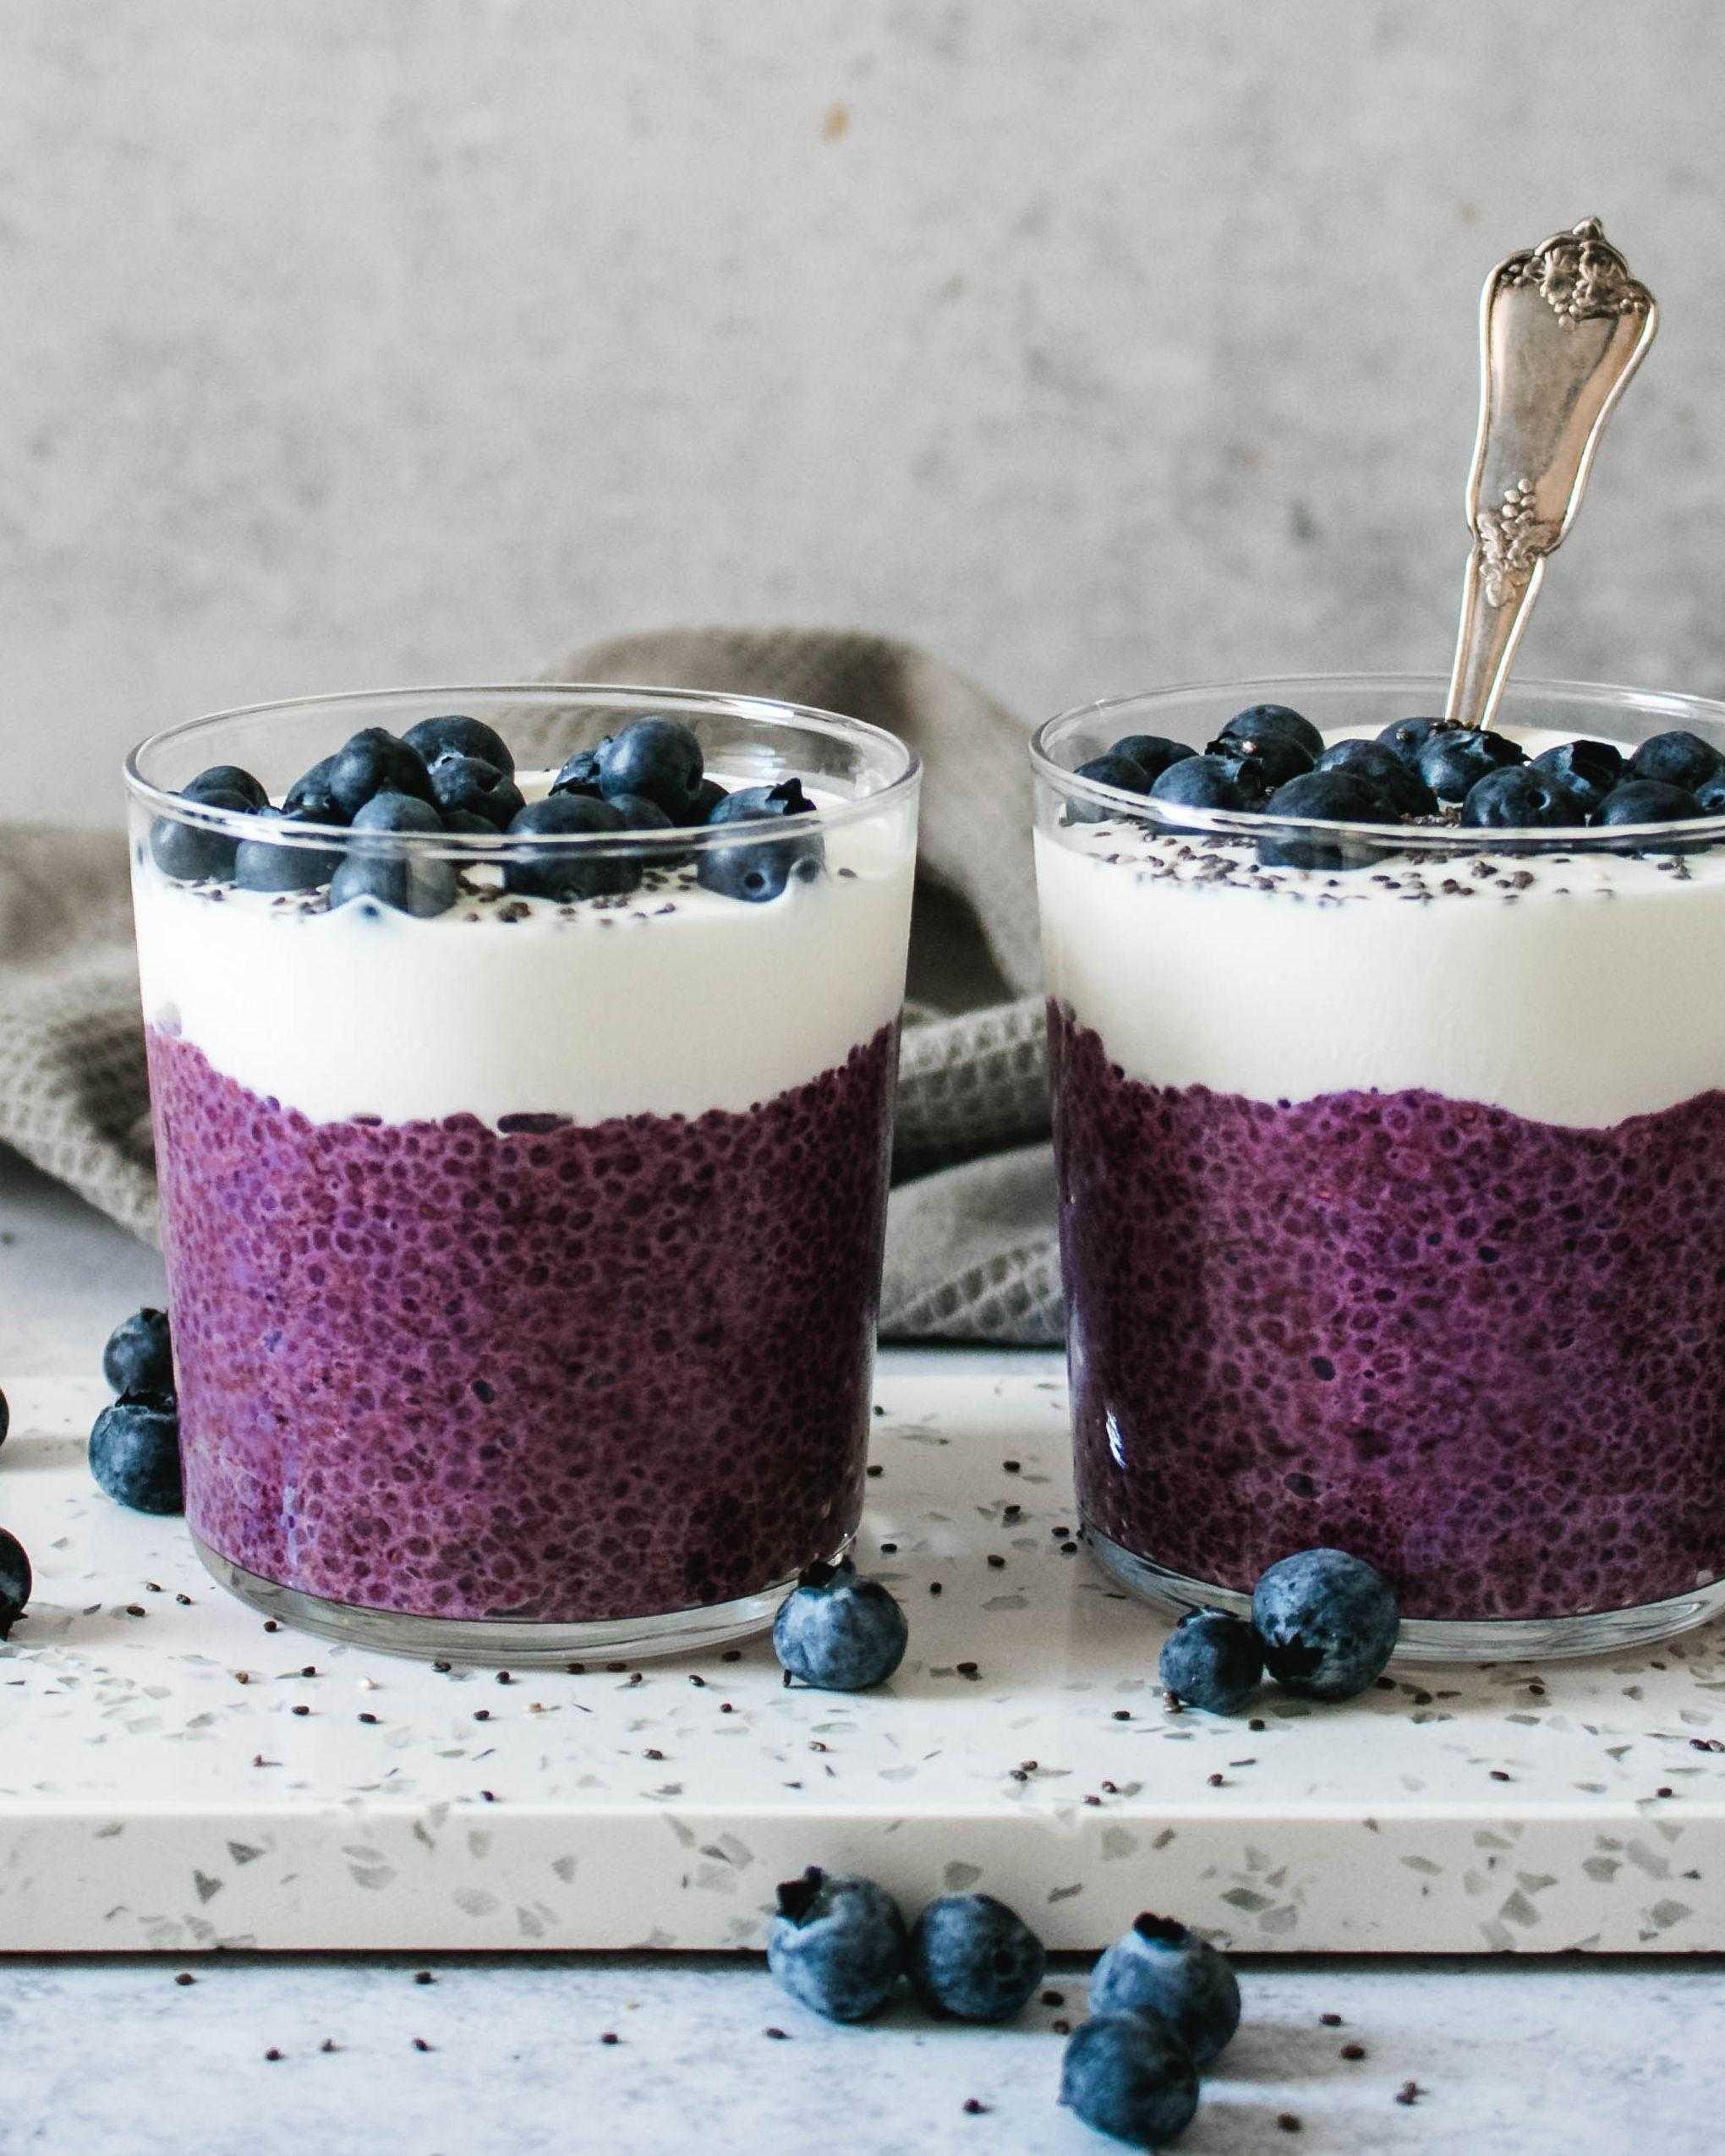 Рецепты с семенами чиа для похудения - в том числе десерты и напитки |